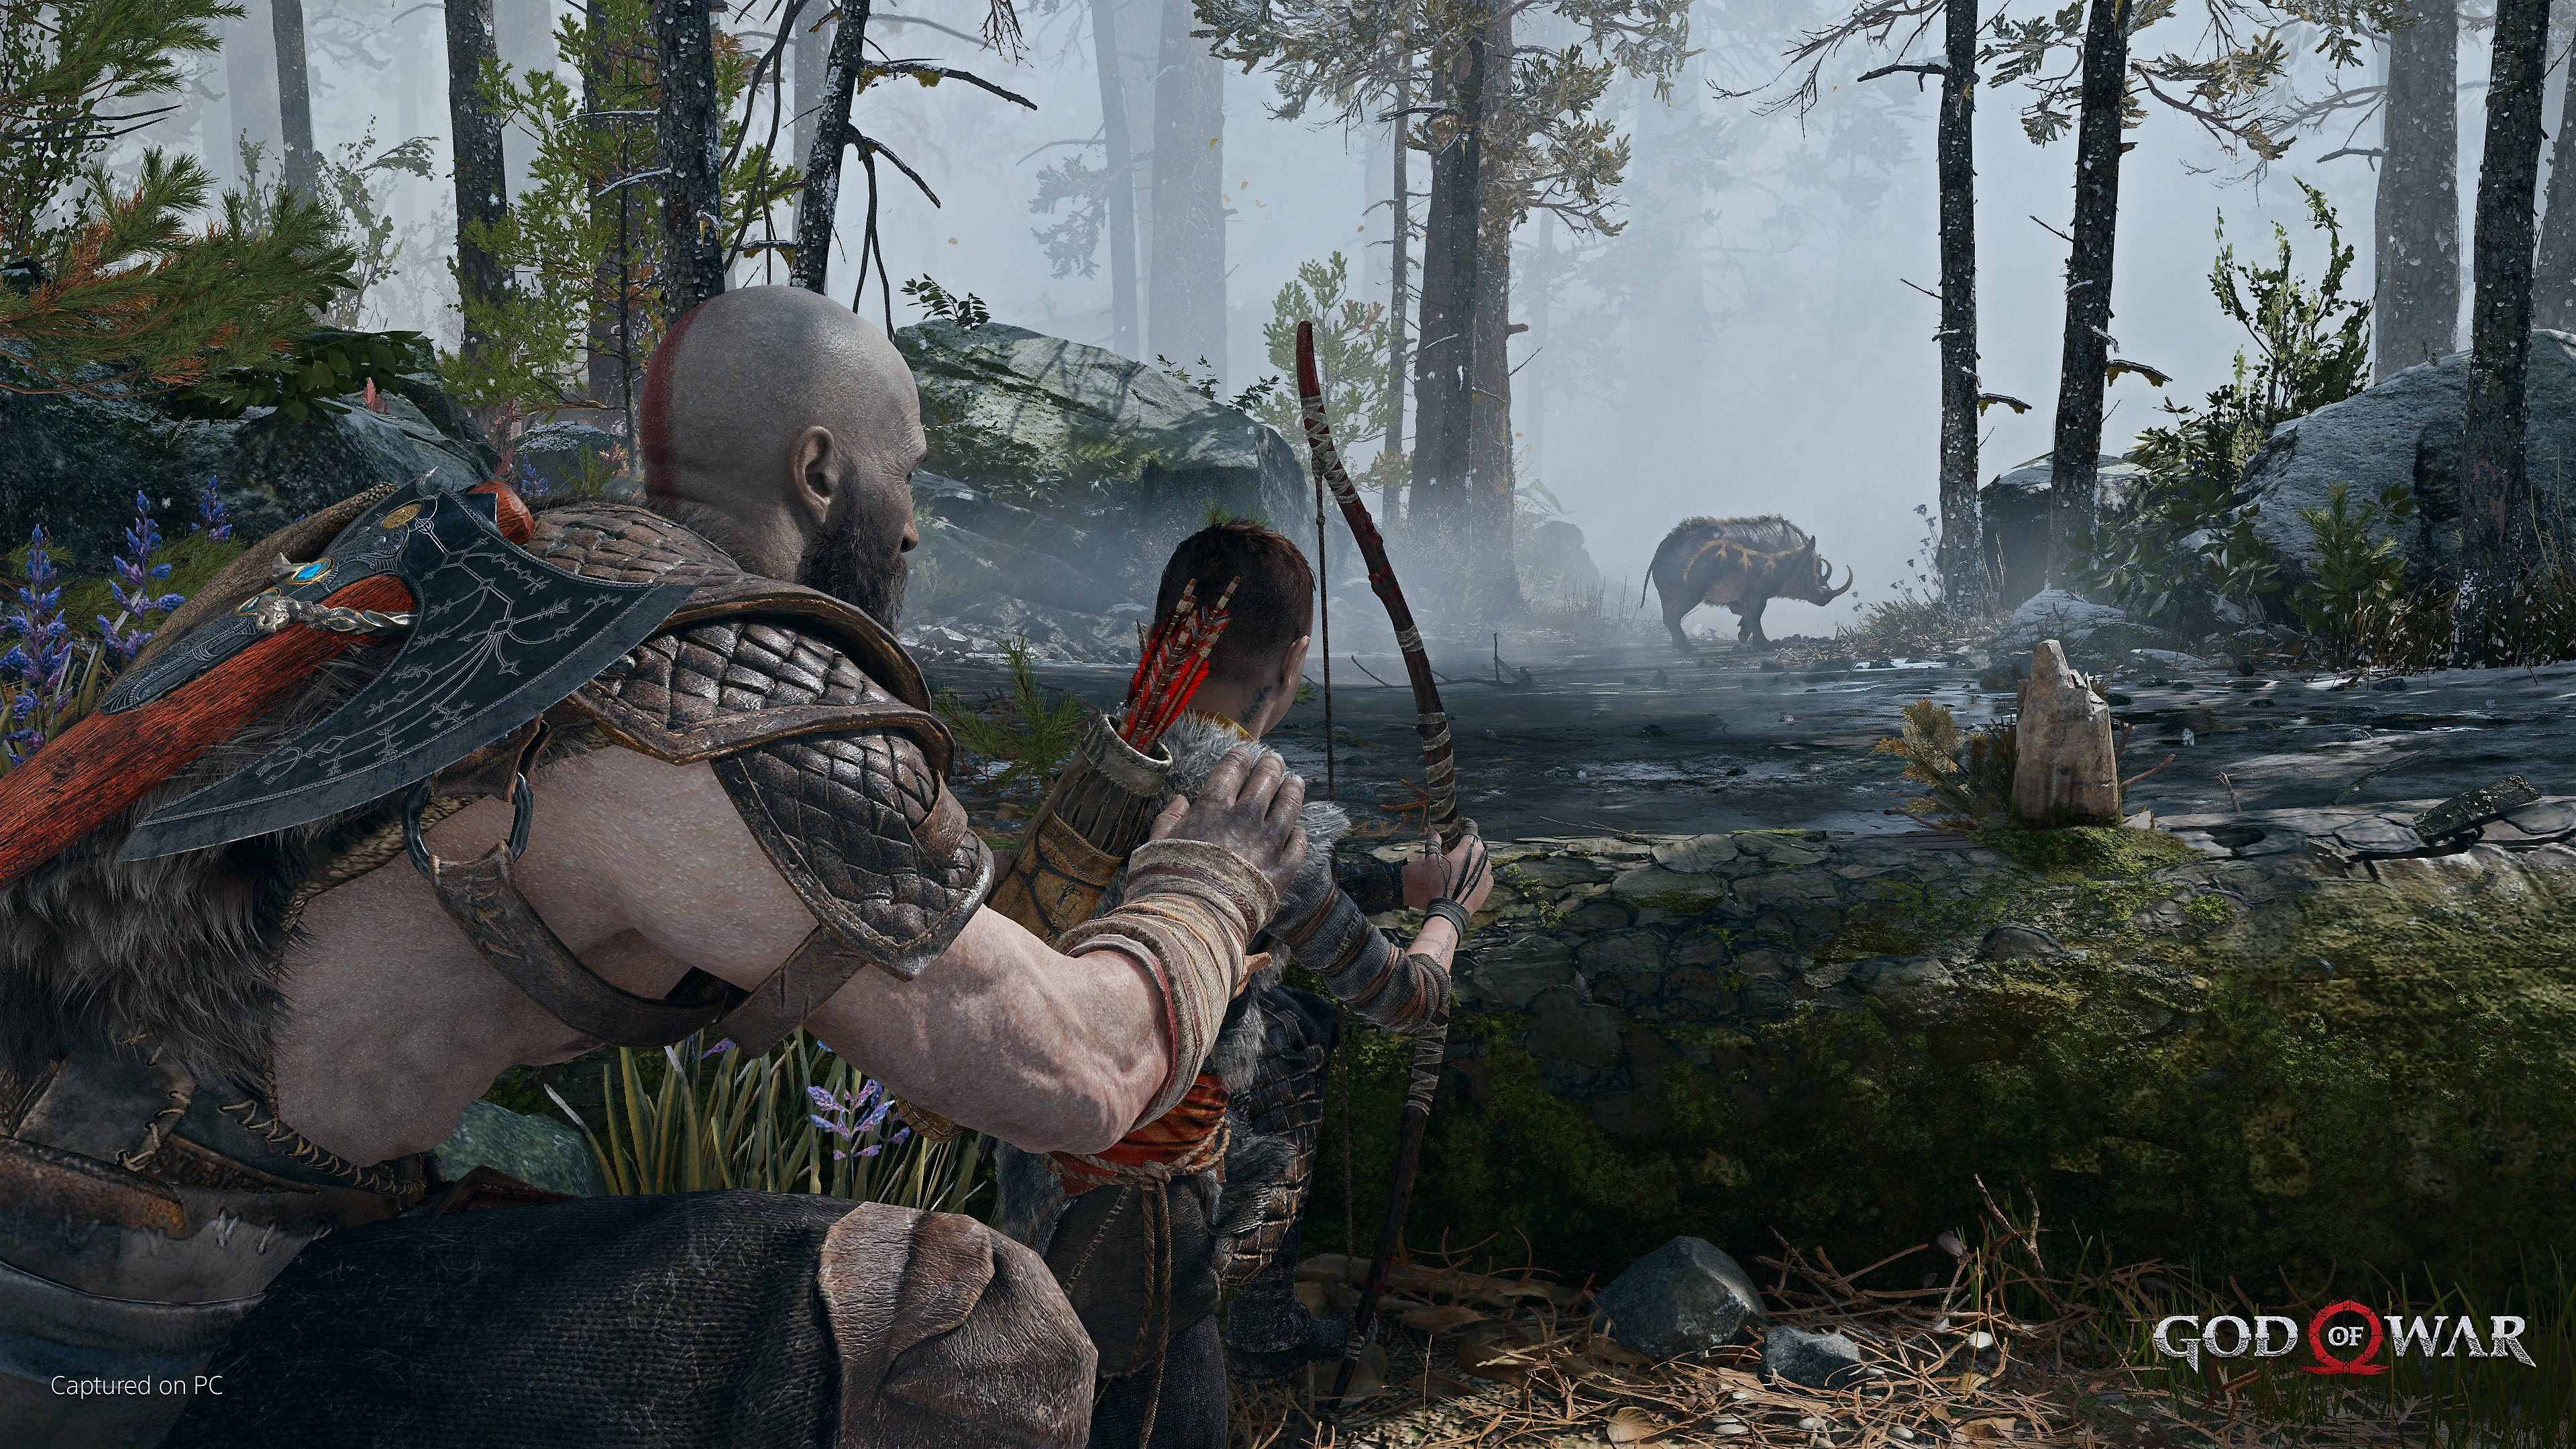 captura de pantalla de god of war para pc